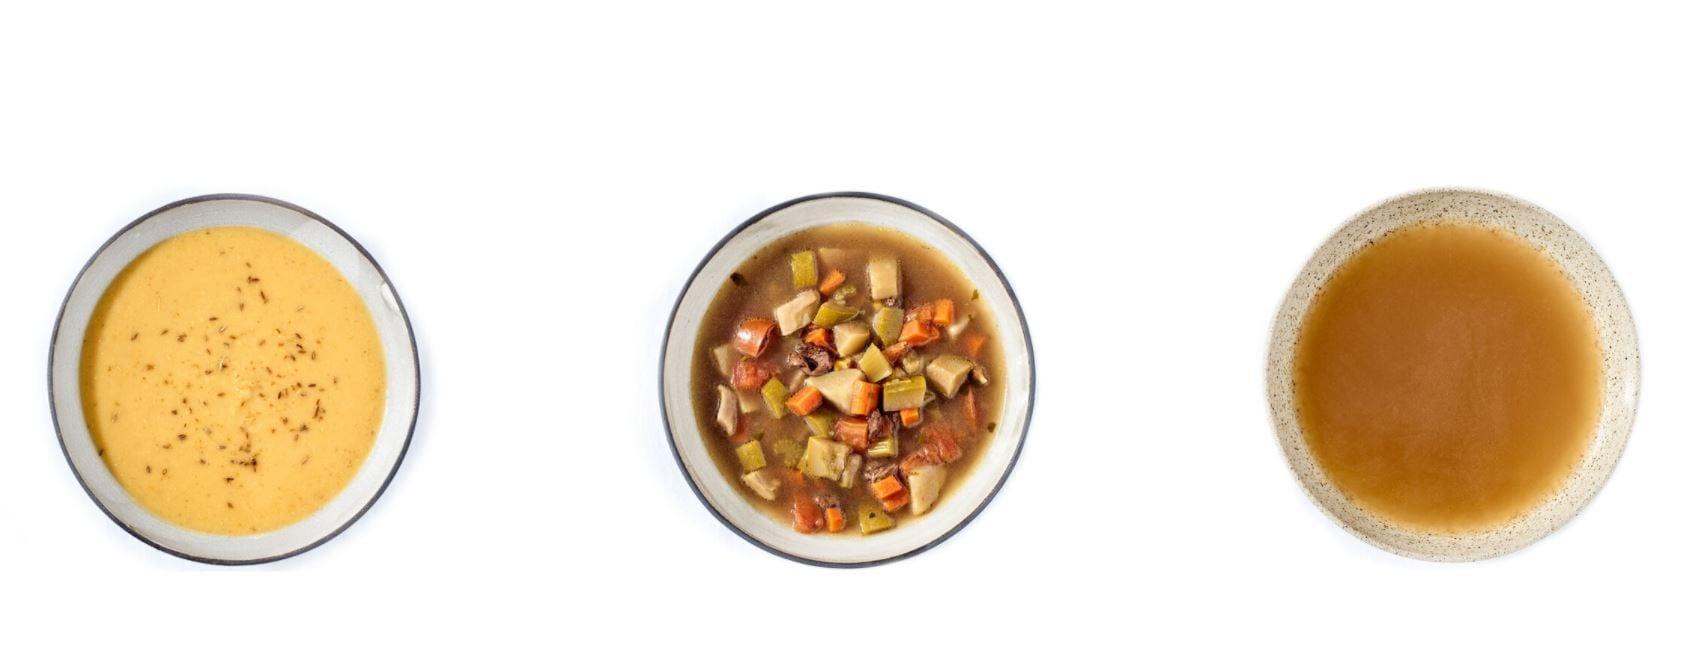 Tre piatti di zuppa